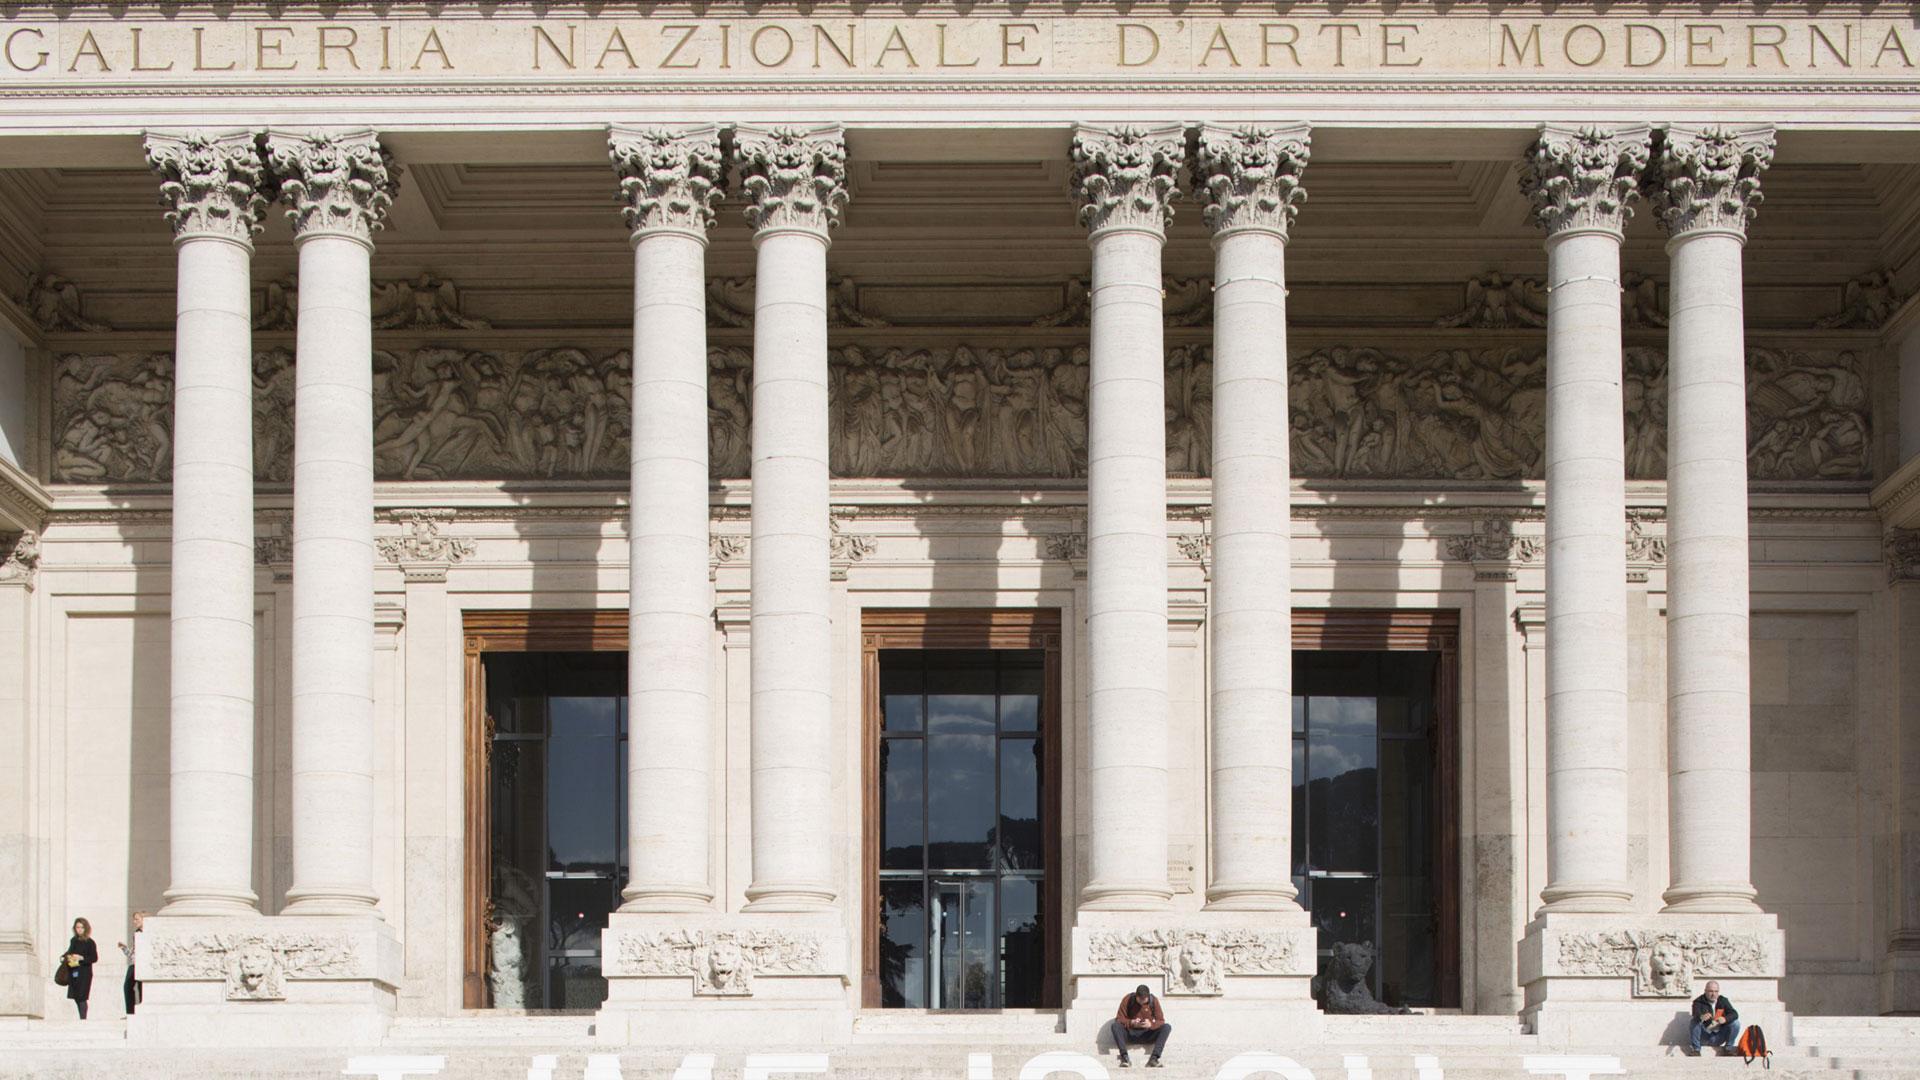 La Galleria Nazionale